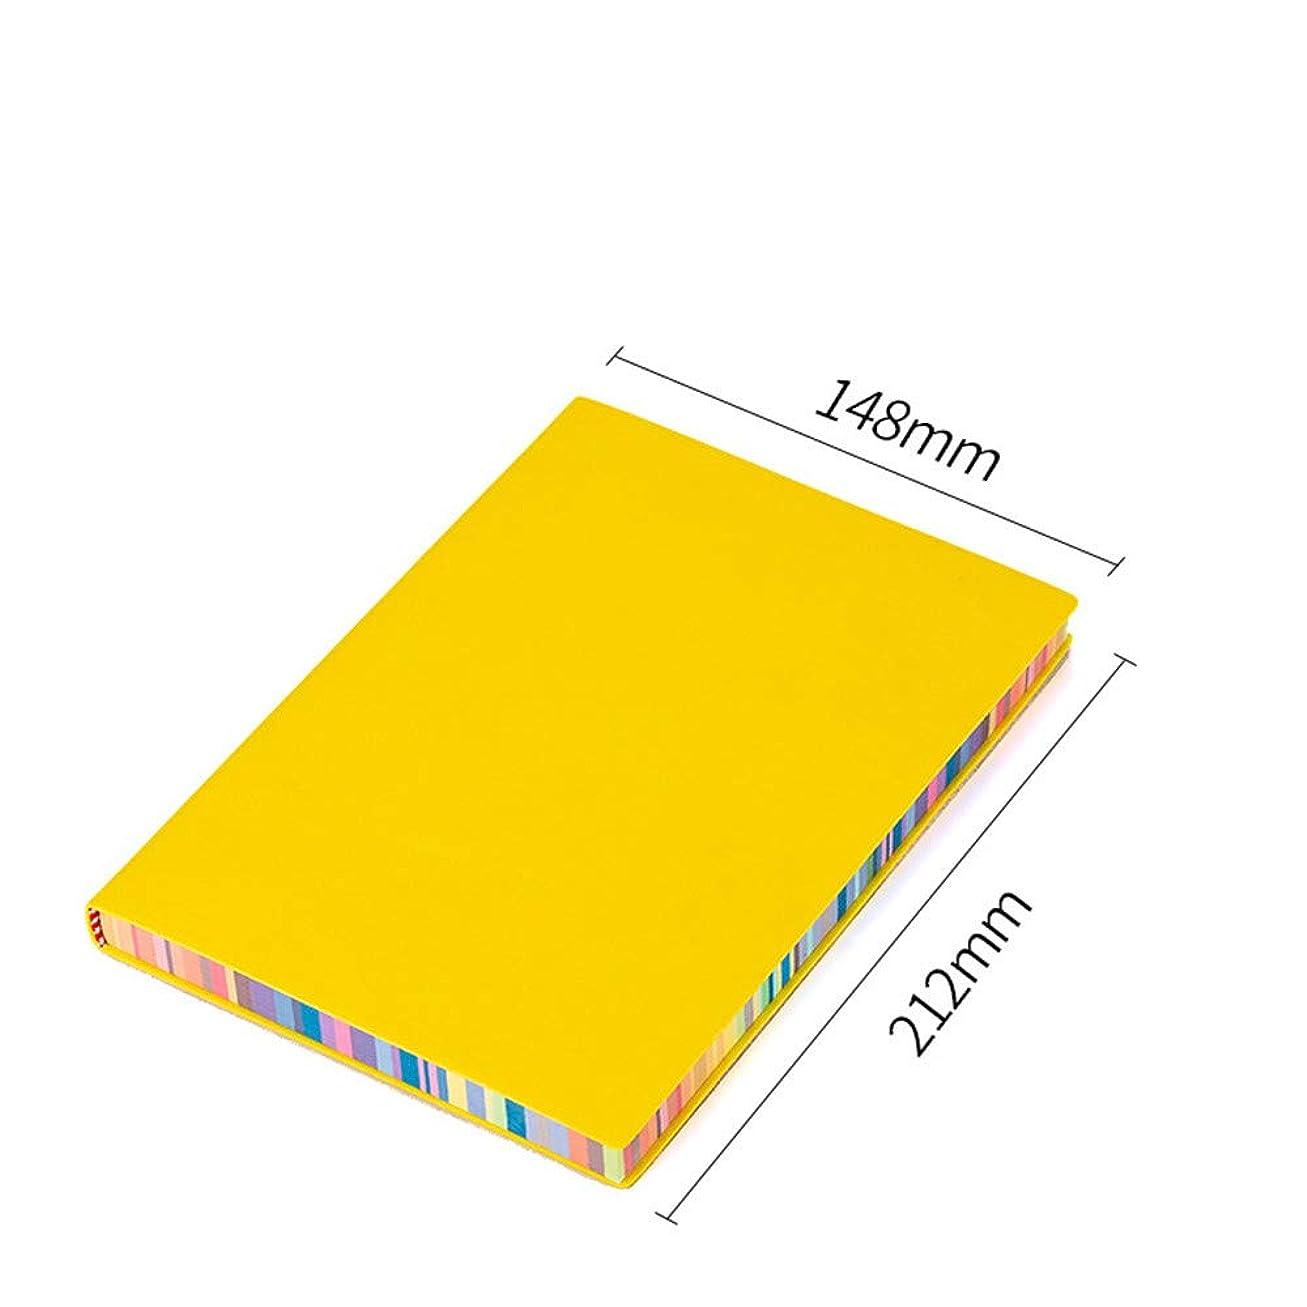 電球棚明らか高品質厚紙エグゼクティブポケットノート - ソフトカバーA5ルールノート240ページハードカバーノート - 裏地|新しいデザイン(3パック)A5(148 * 212 MM)